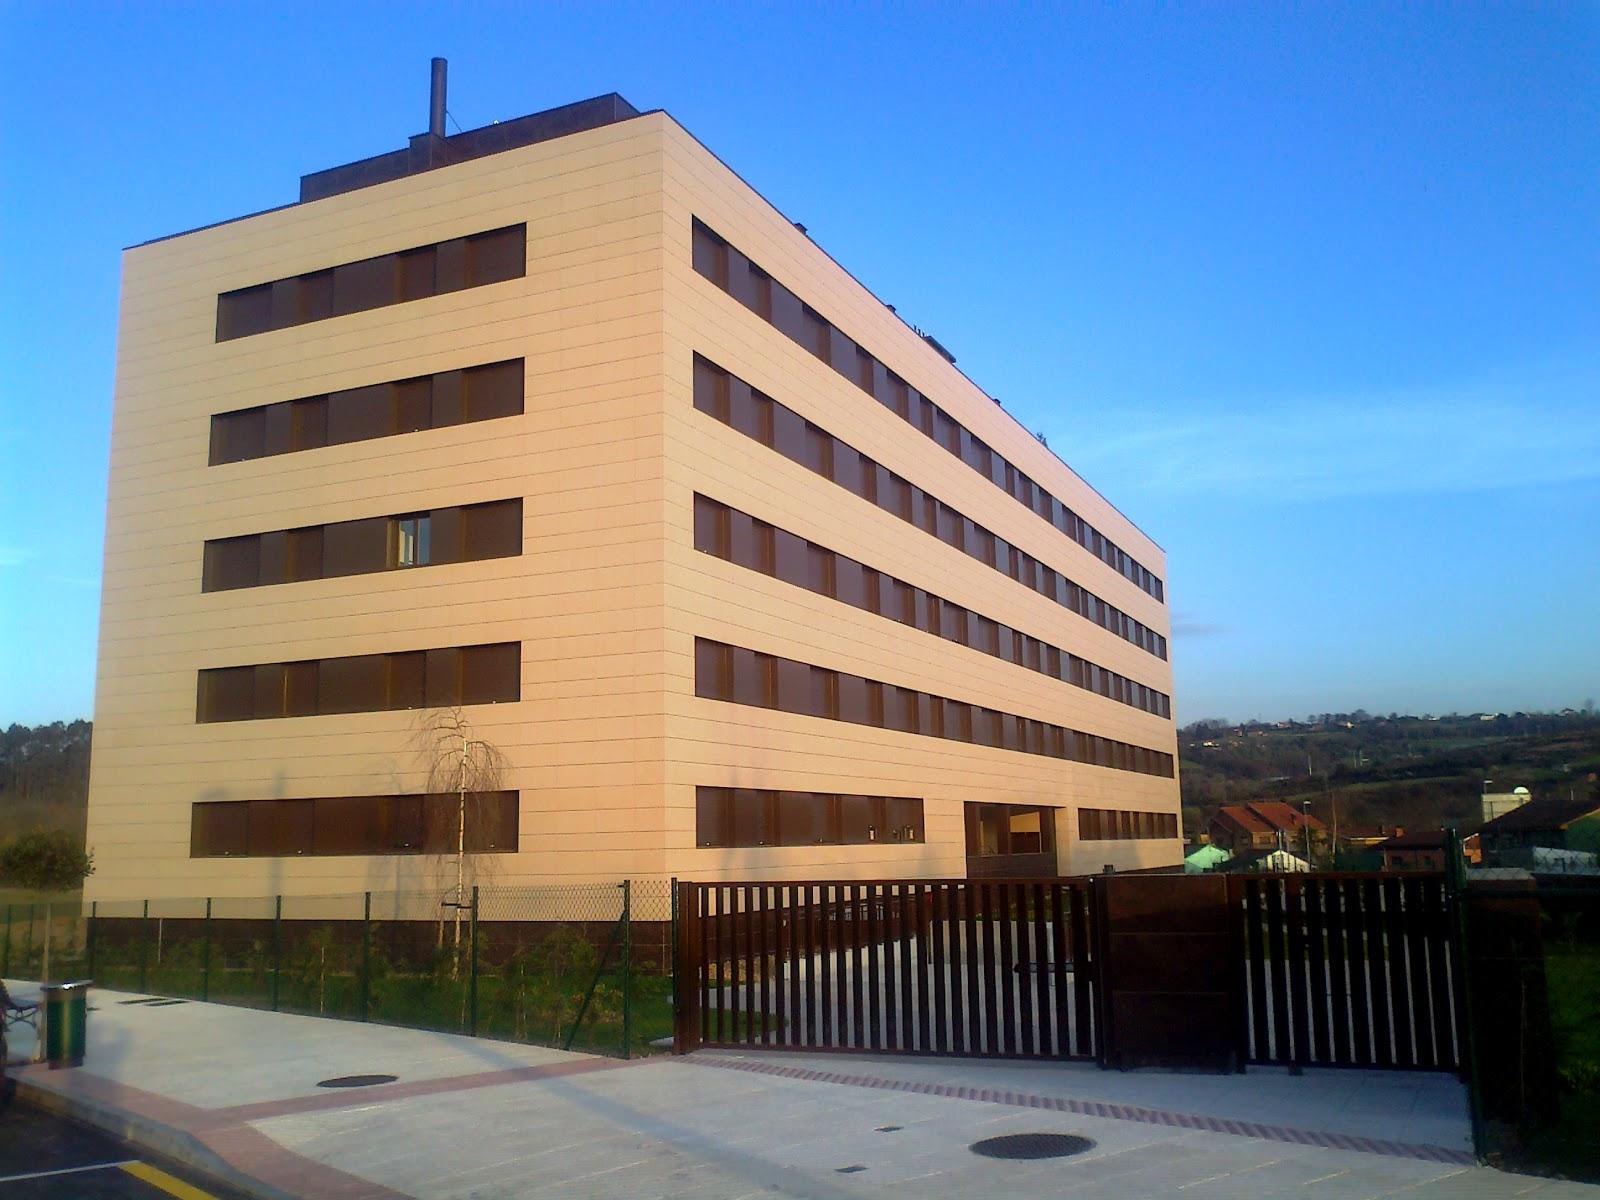 Bau estudio arquitectos edificio abedules en la lloral - Arquitectos oviedo ...